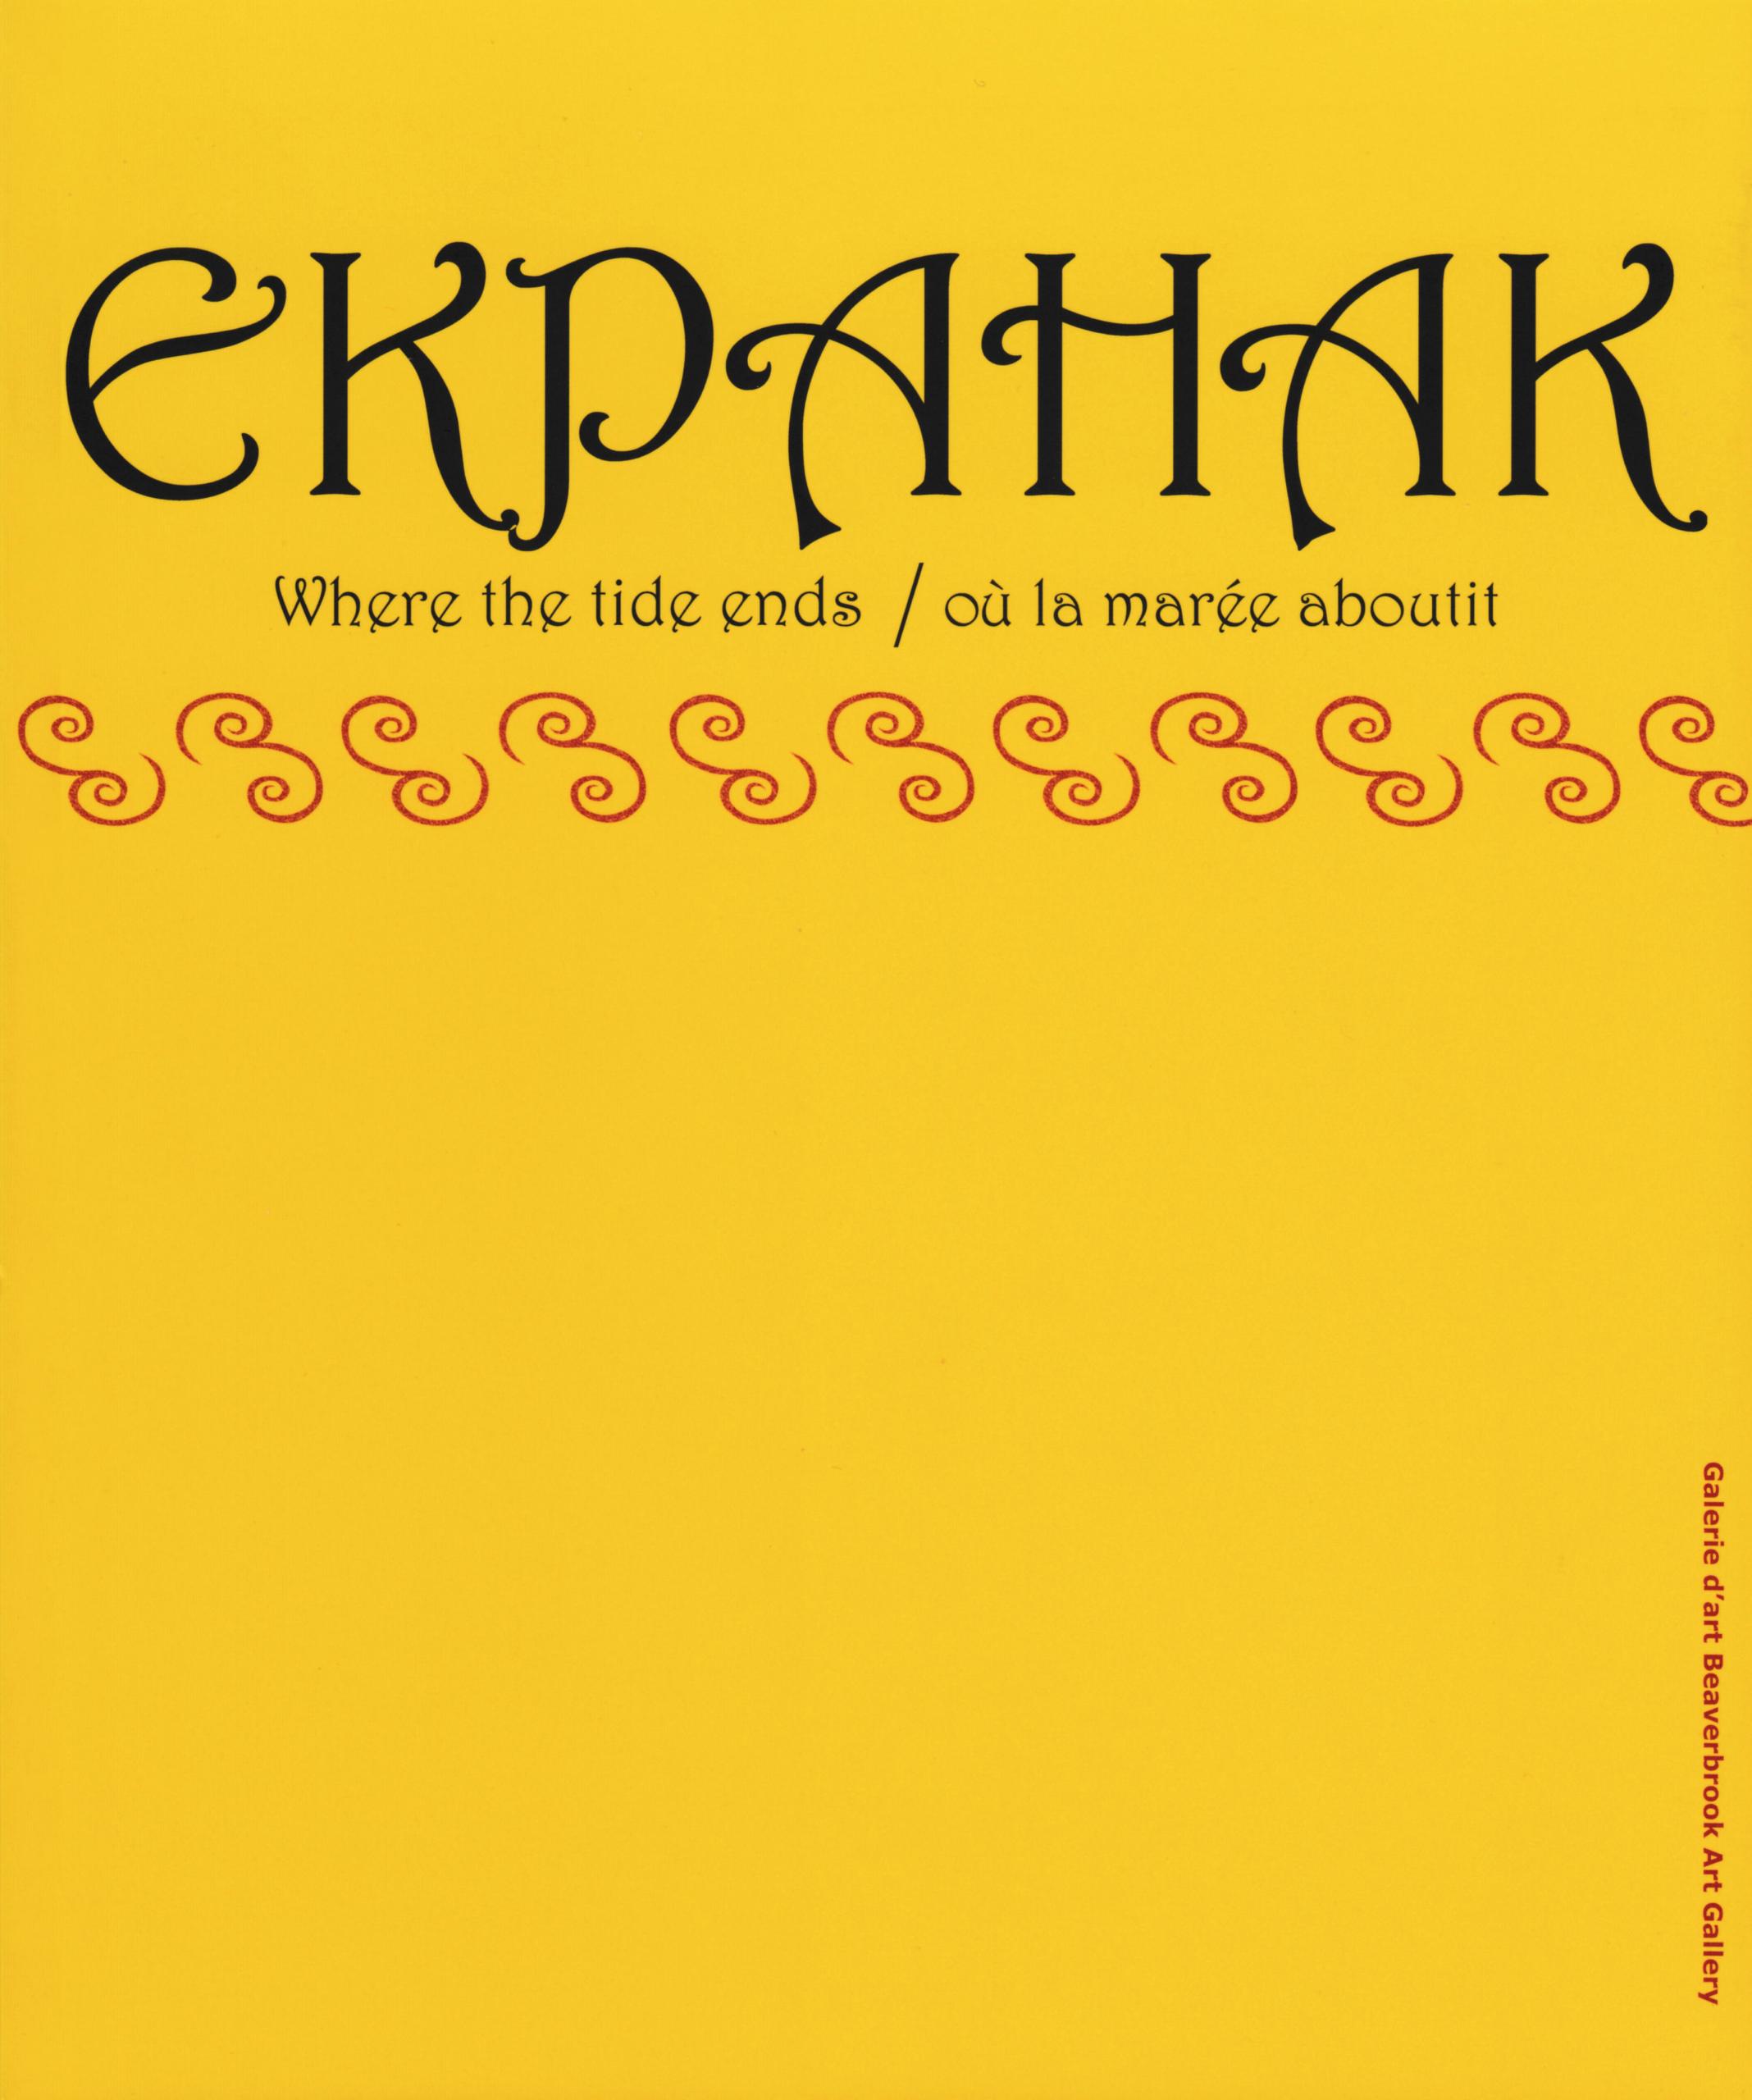 Ekpahak